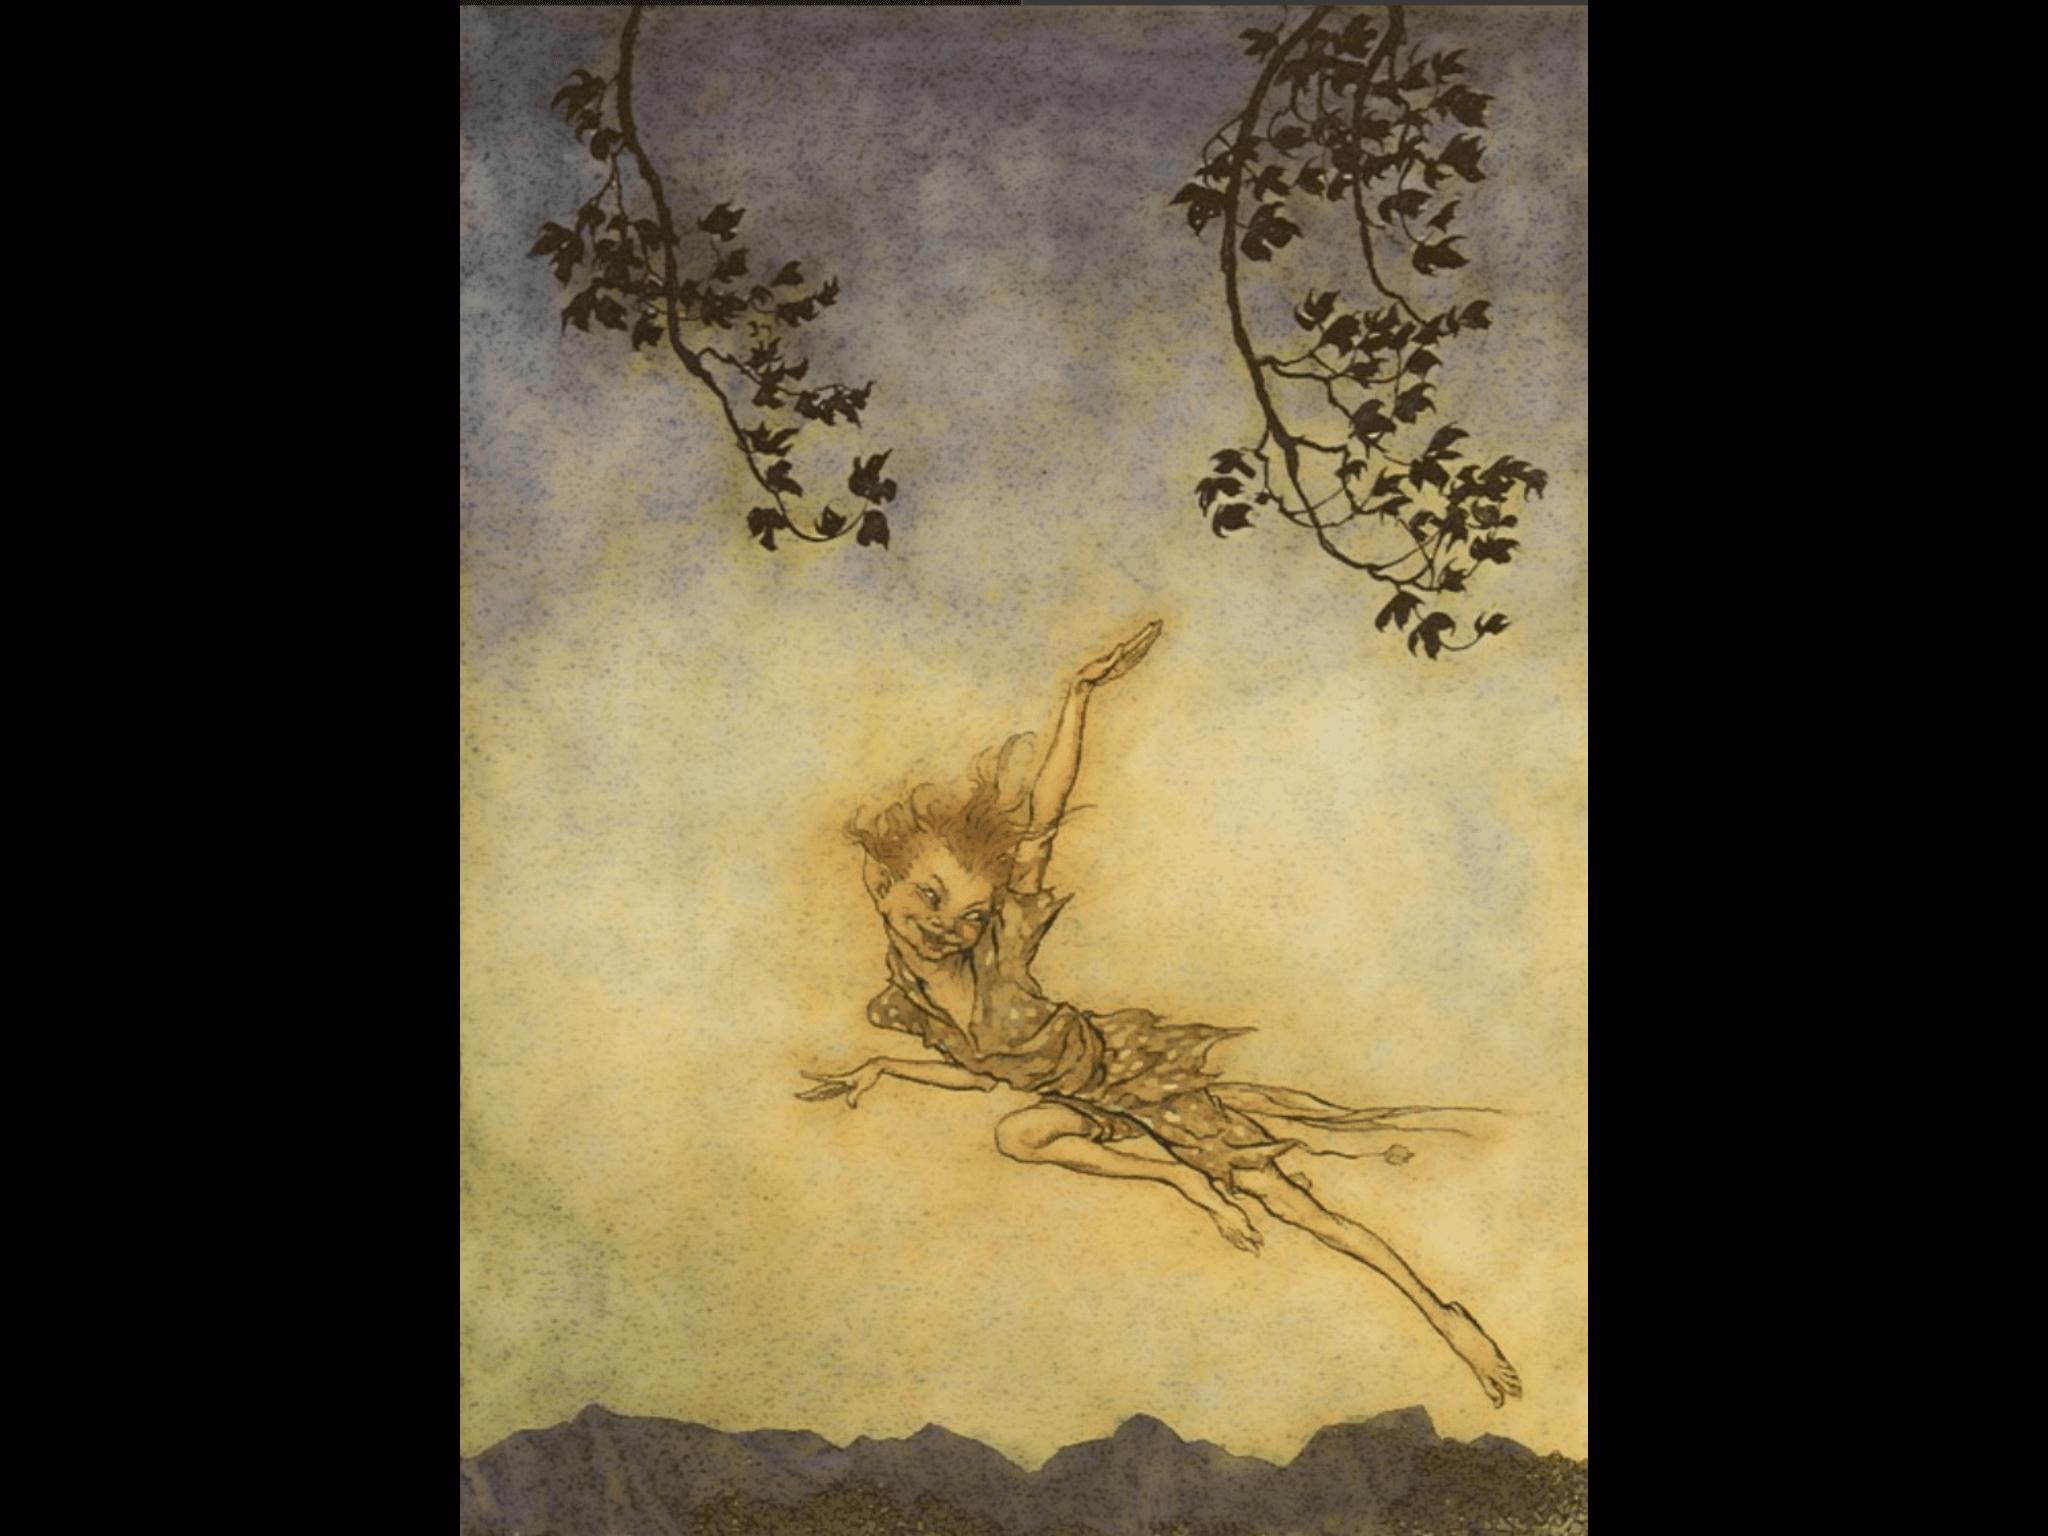 Arthur Rackham 替莎士比亞名劇 《仲夏夜之夢》畫的插畫 ․畫中人物是小妖 Puck,畫得晶瑩剔透 ․小妖曰:吾往矣,吾往矣, 吾往神速何所似? 猶勝那韃靼弩箭乍離弦。